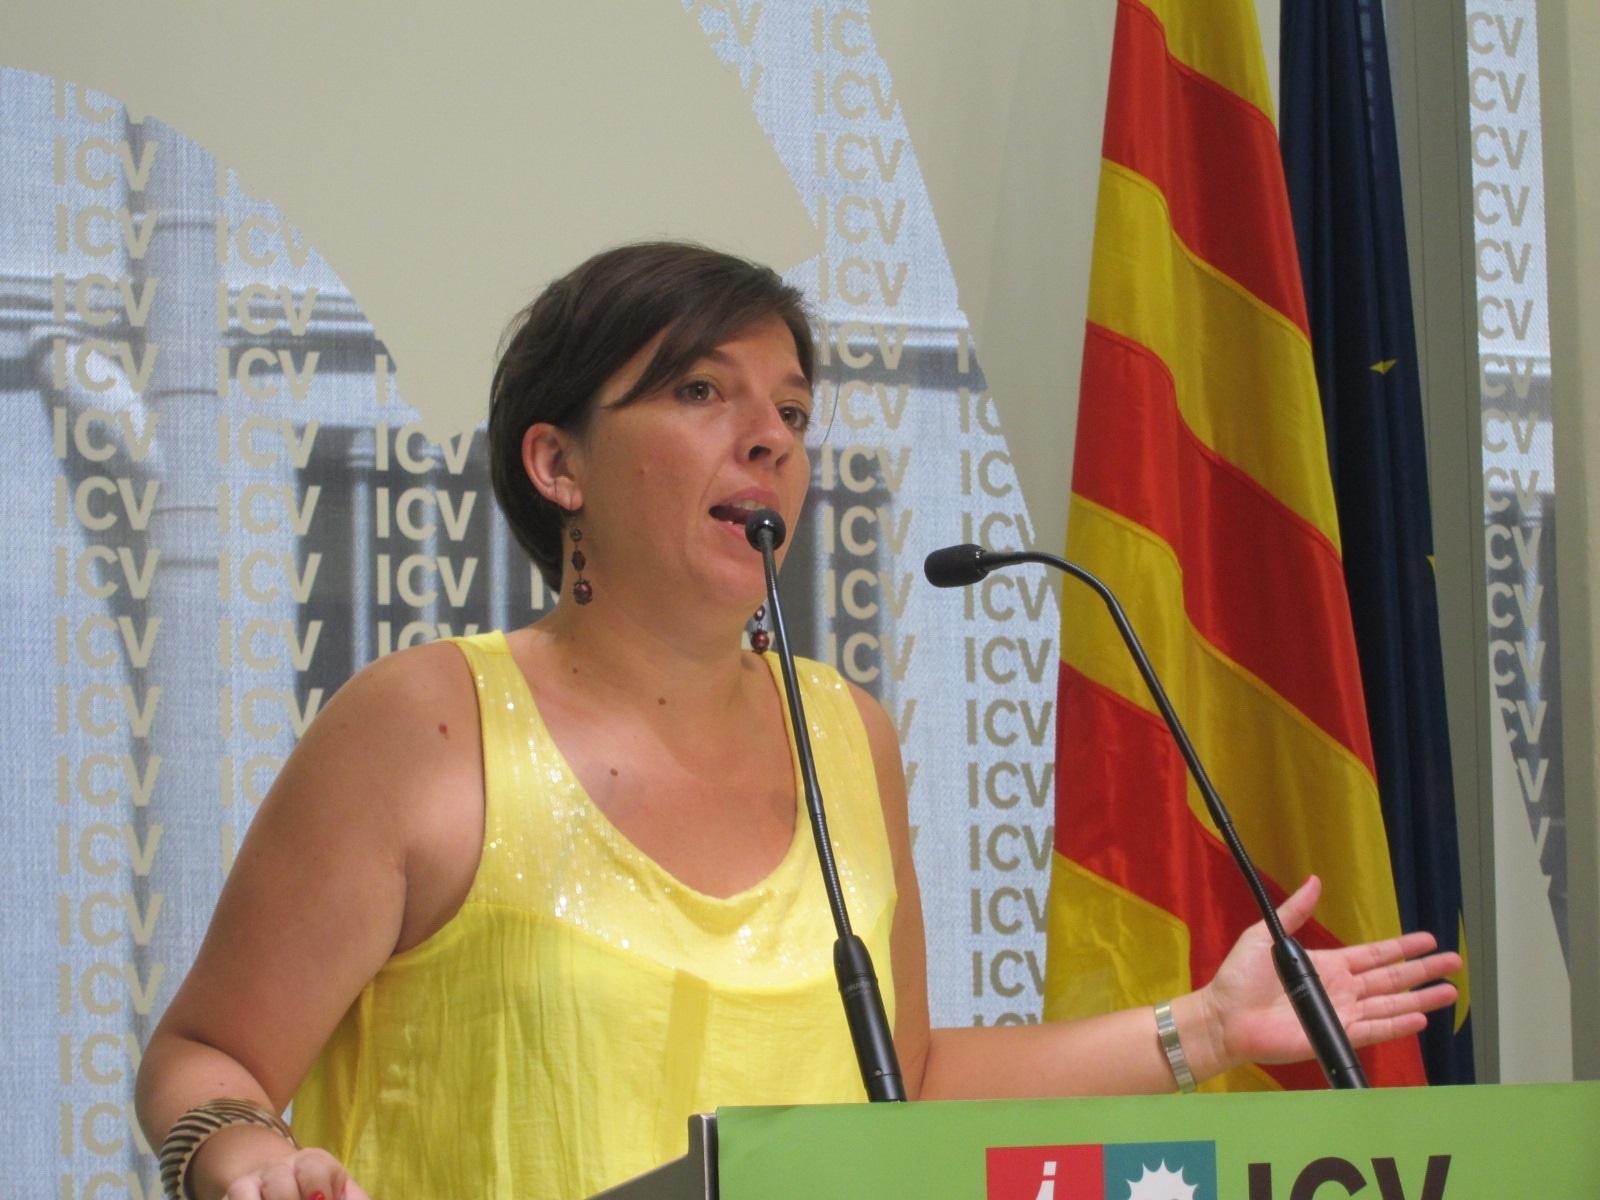 ICV asume que el Concert per la Llibertat exige a los partidos un esfuerzo por el »derecho a decidir»